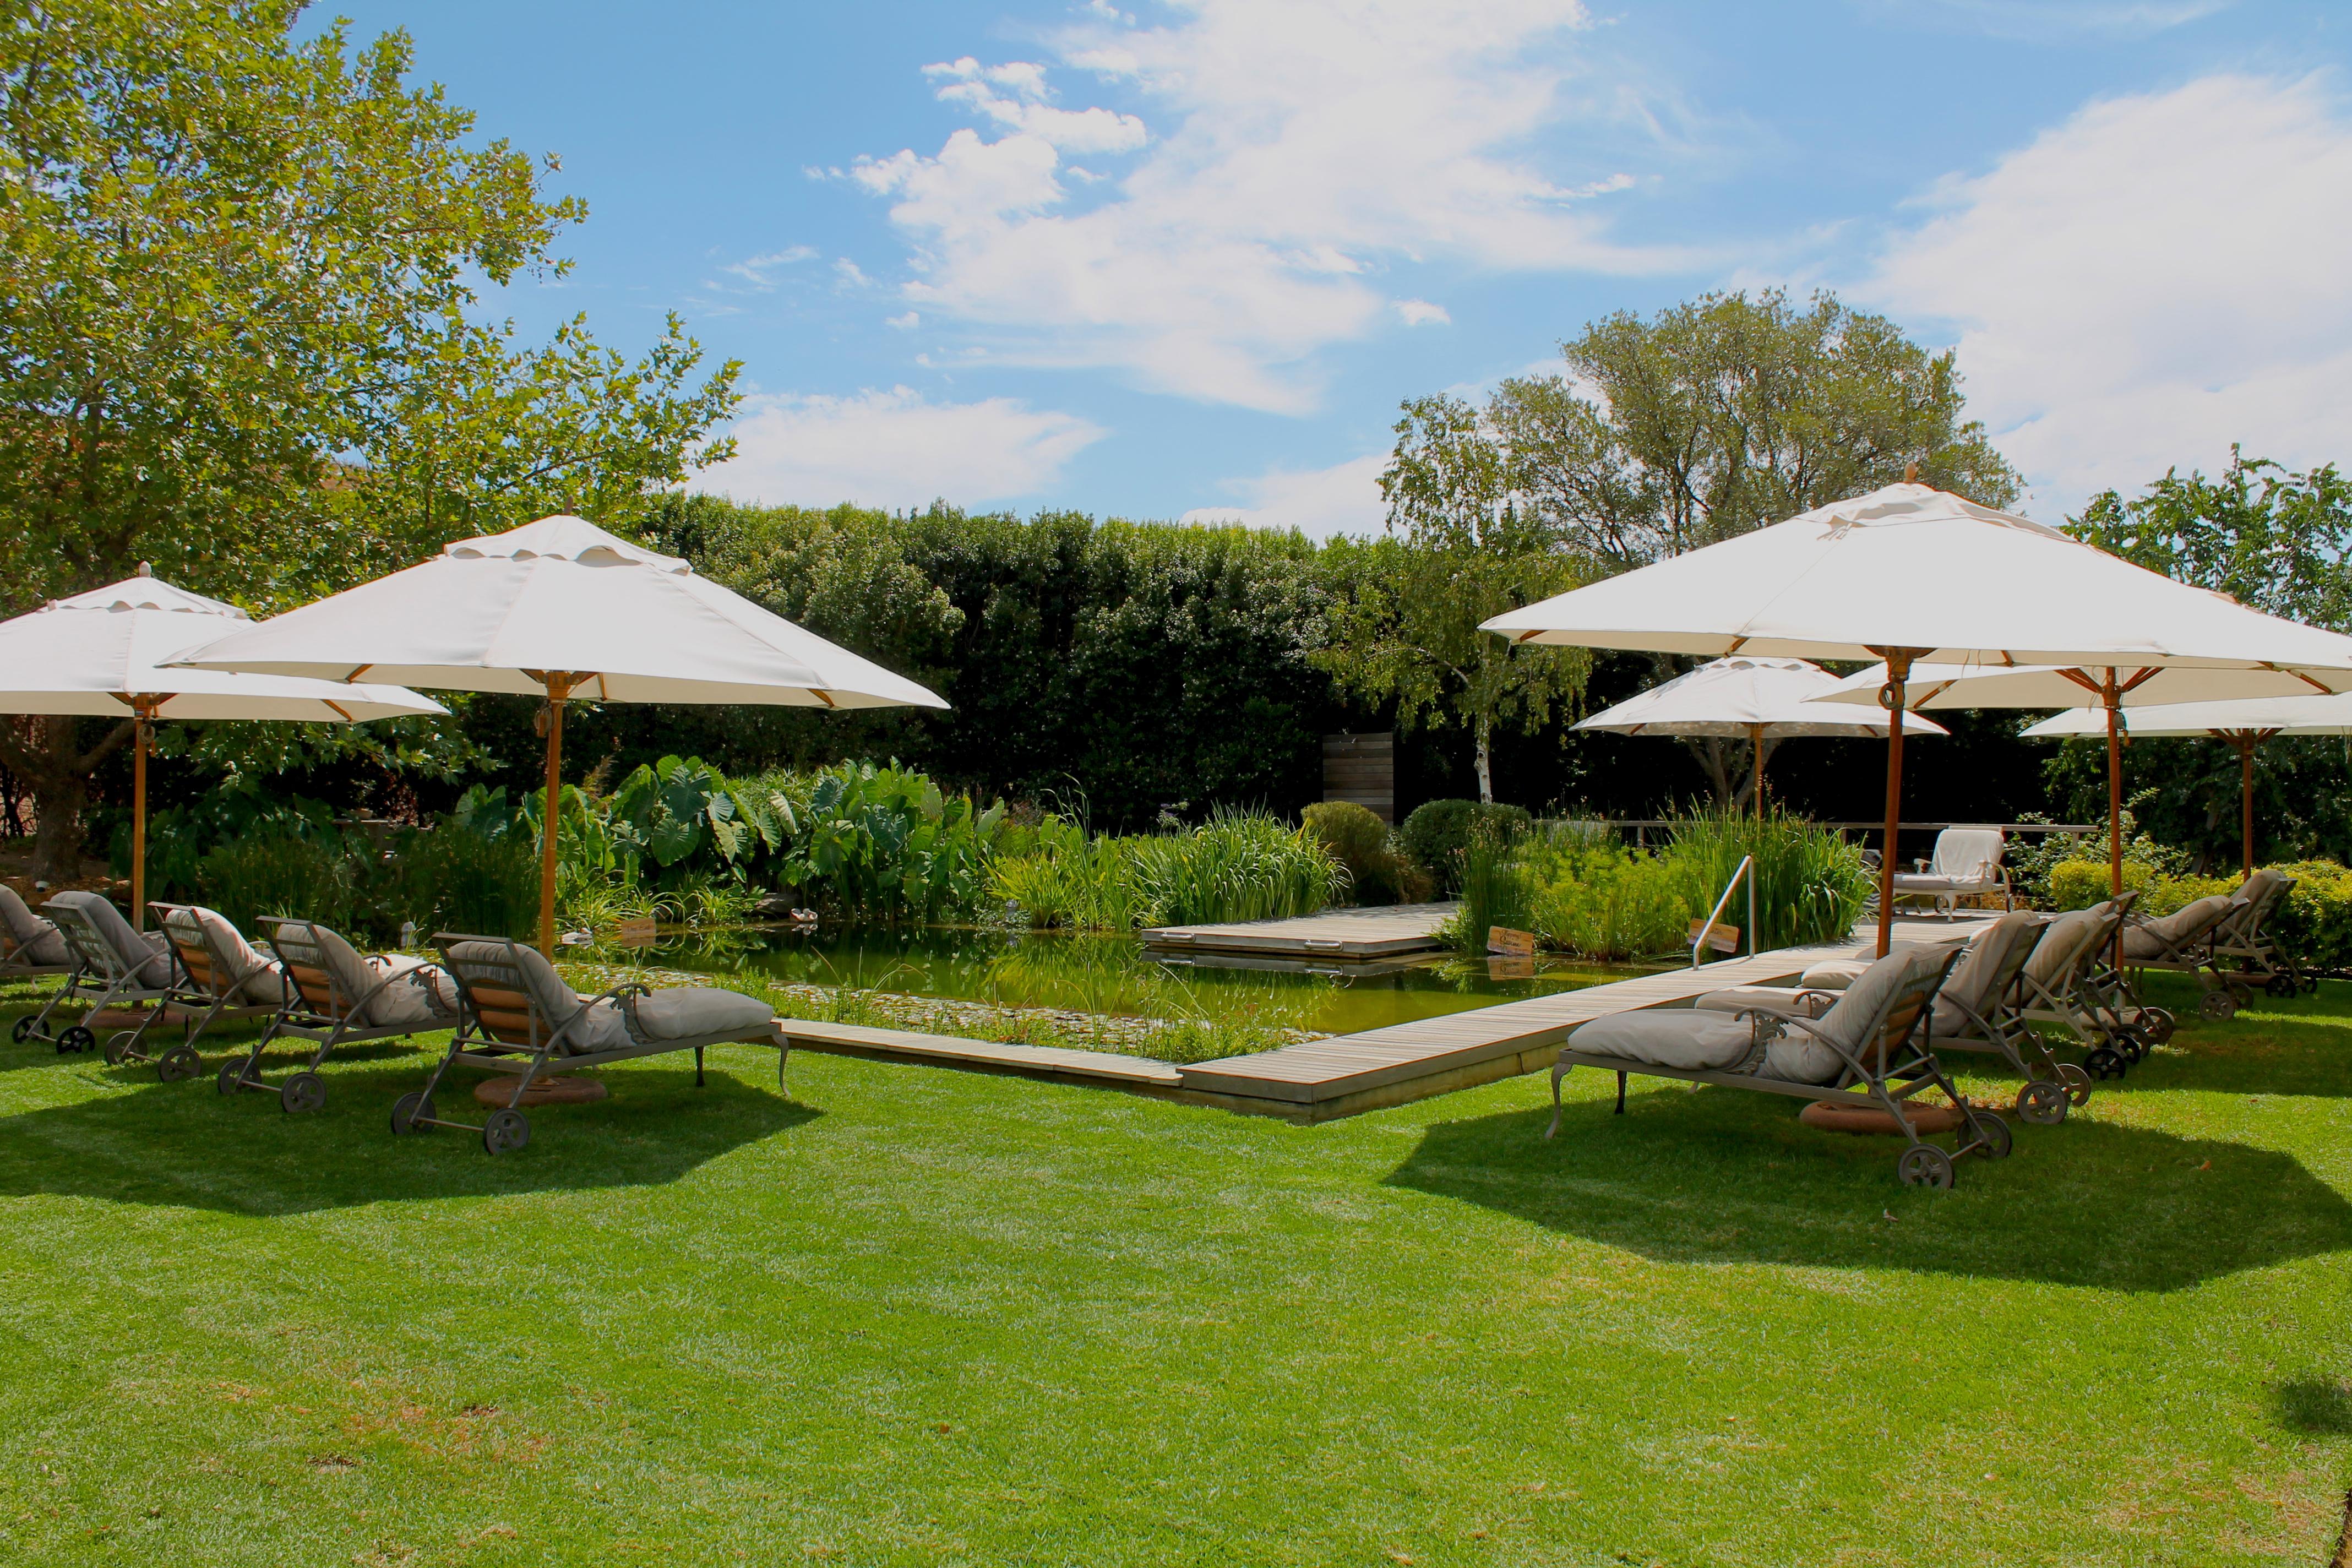 angala-eco-pool-south-africa-lustforthesublime